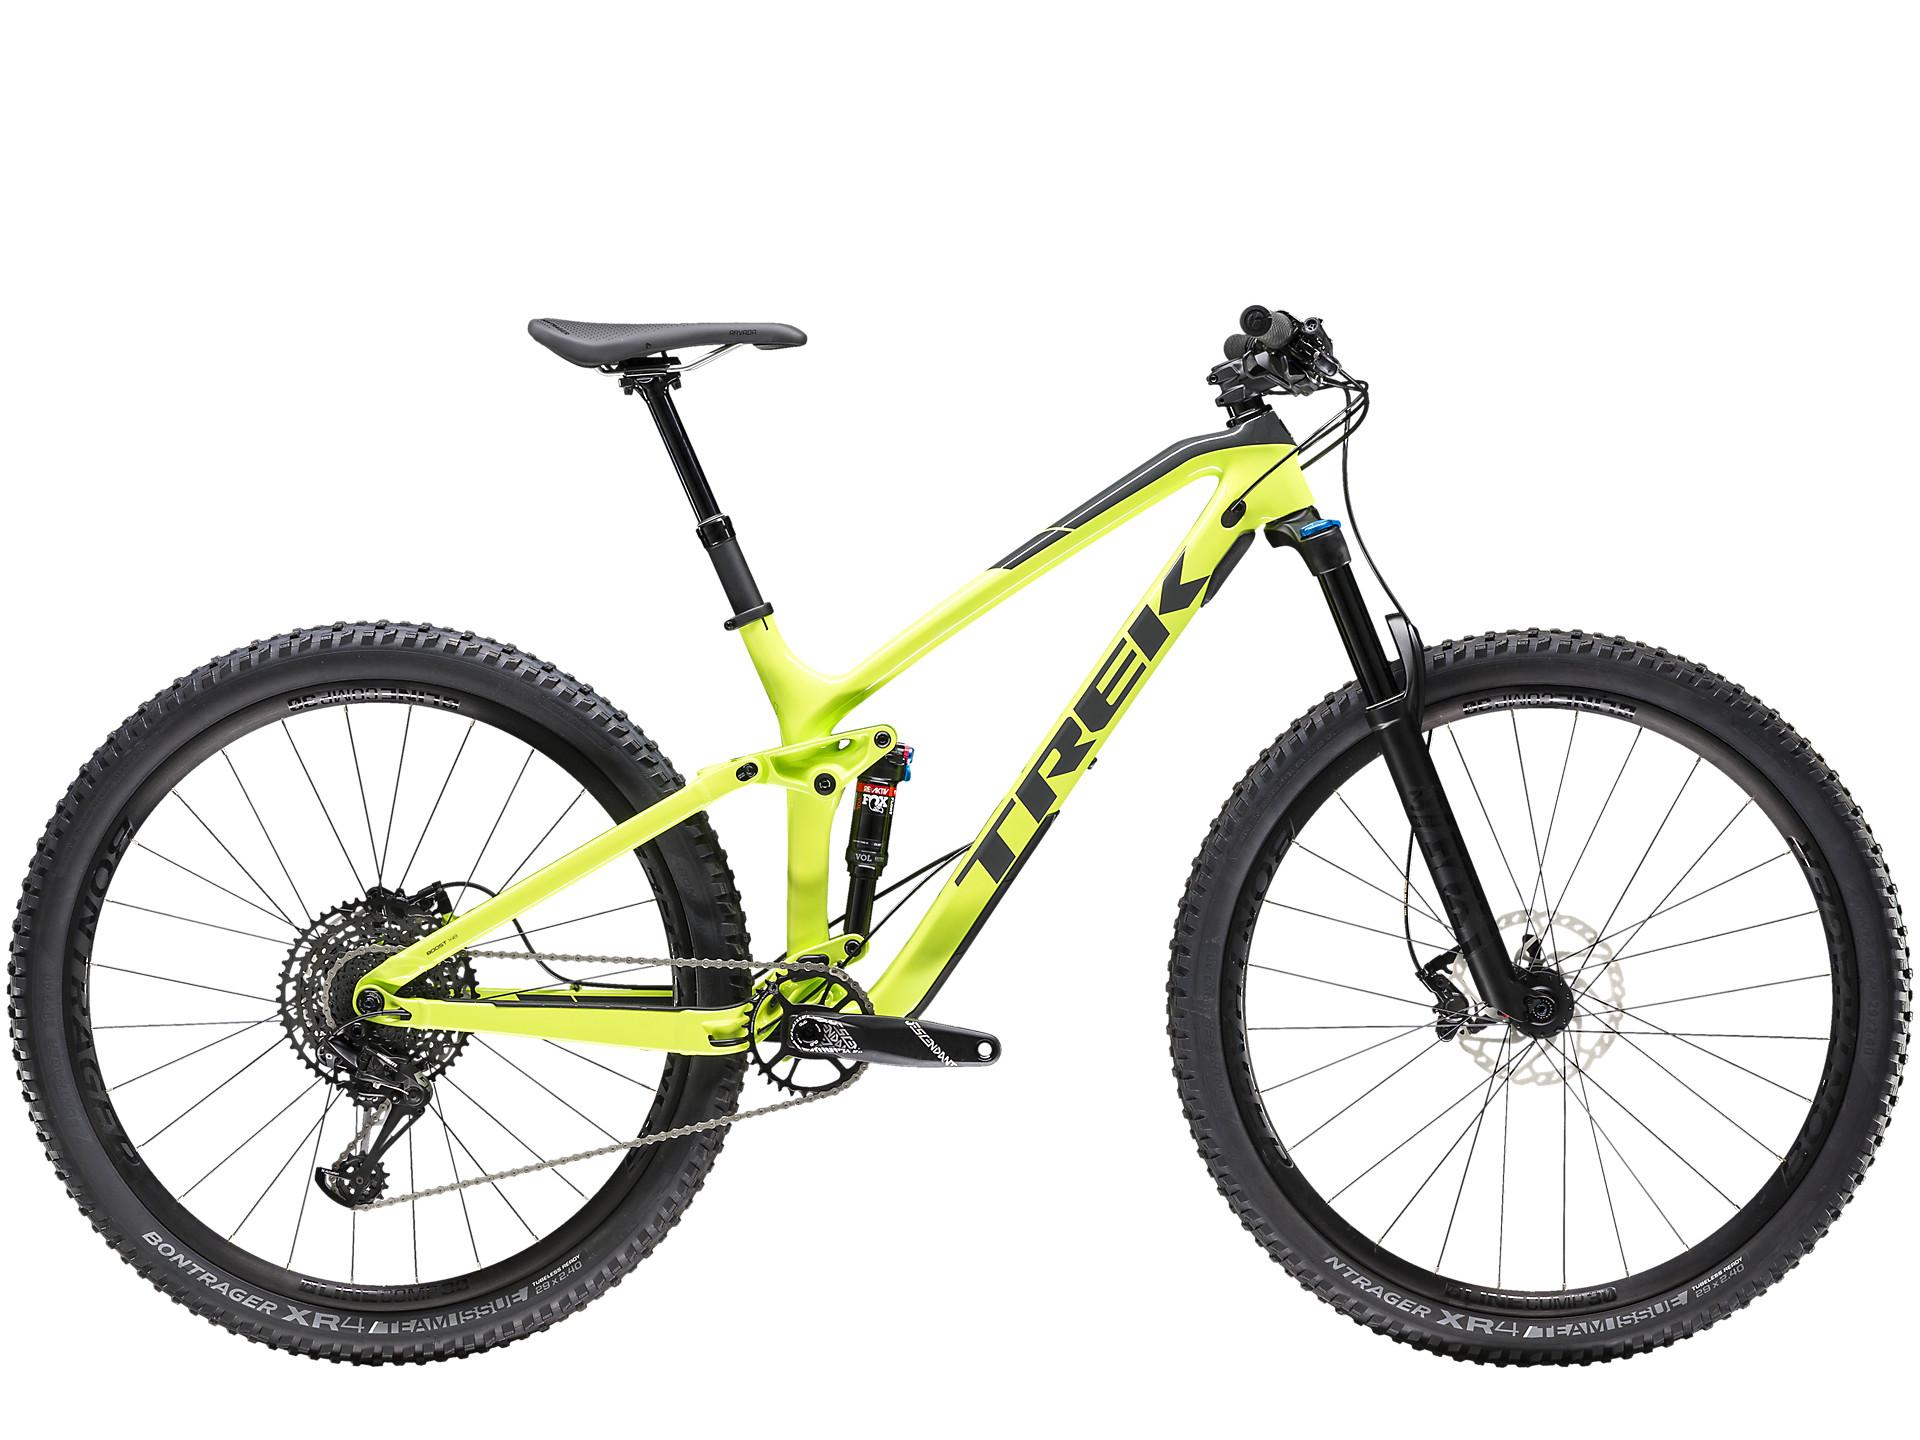 f4e7293e649 Fuel EX 9.7 29 | Trek Bikes